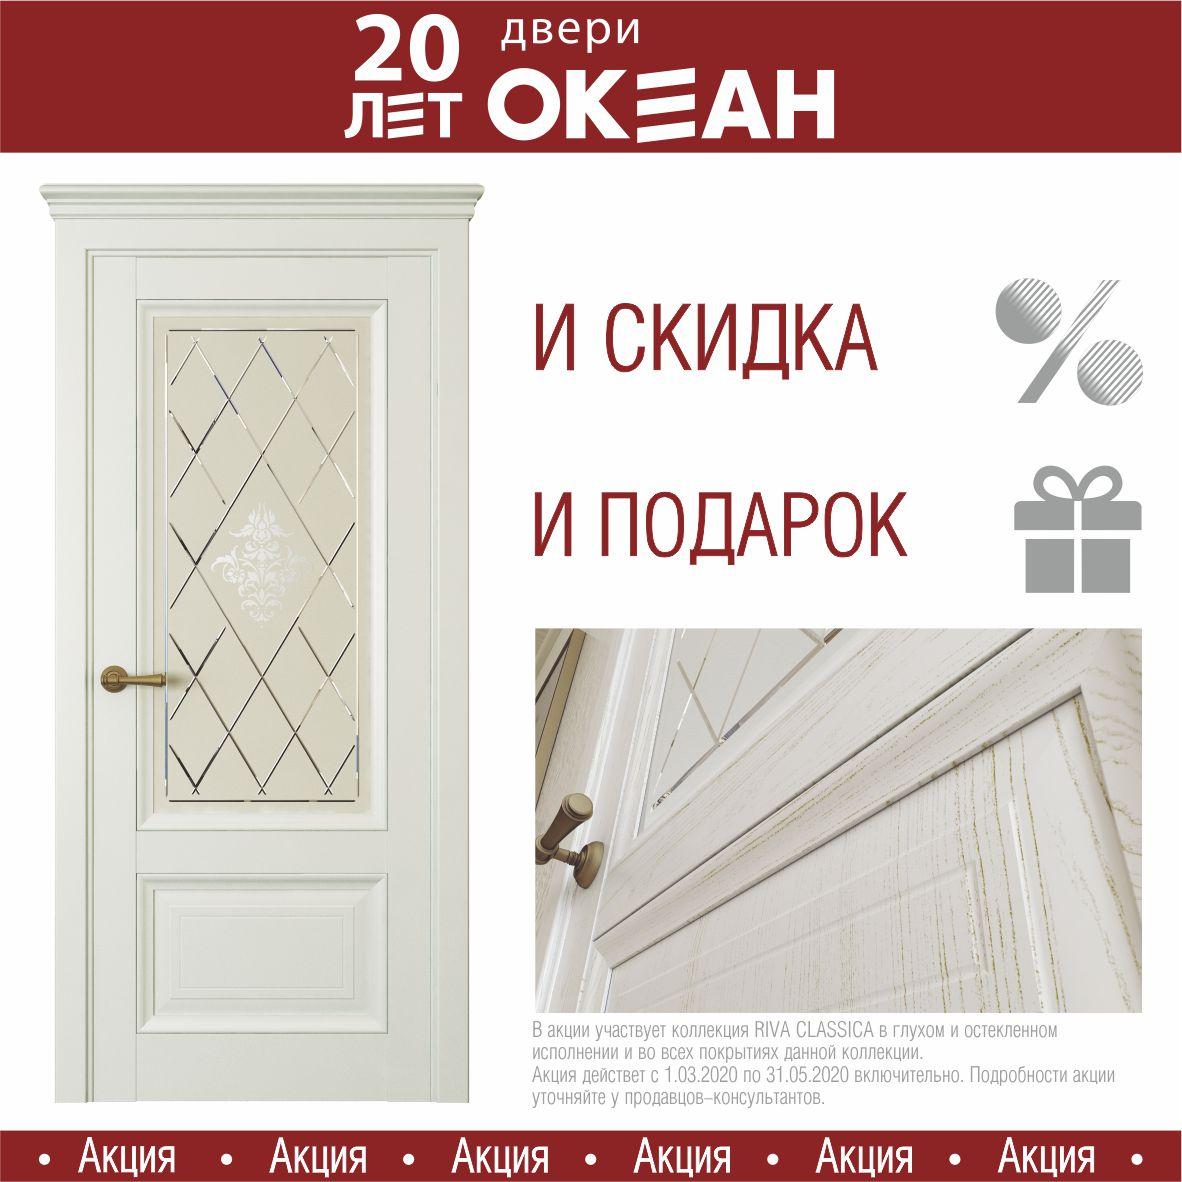 Ульяновские двери Океан со скидками и подарками